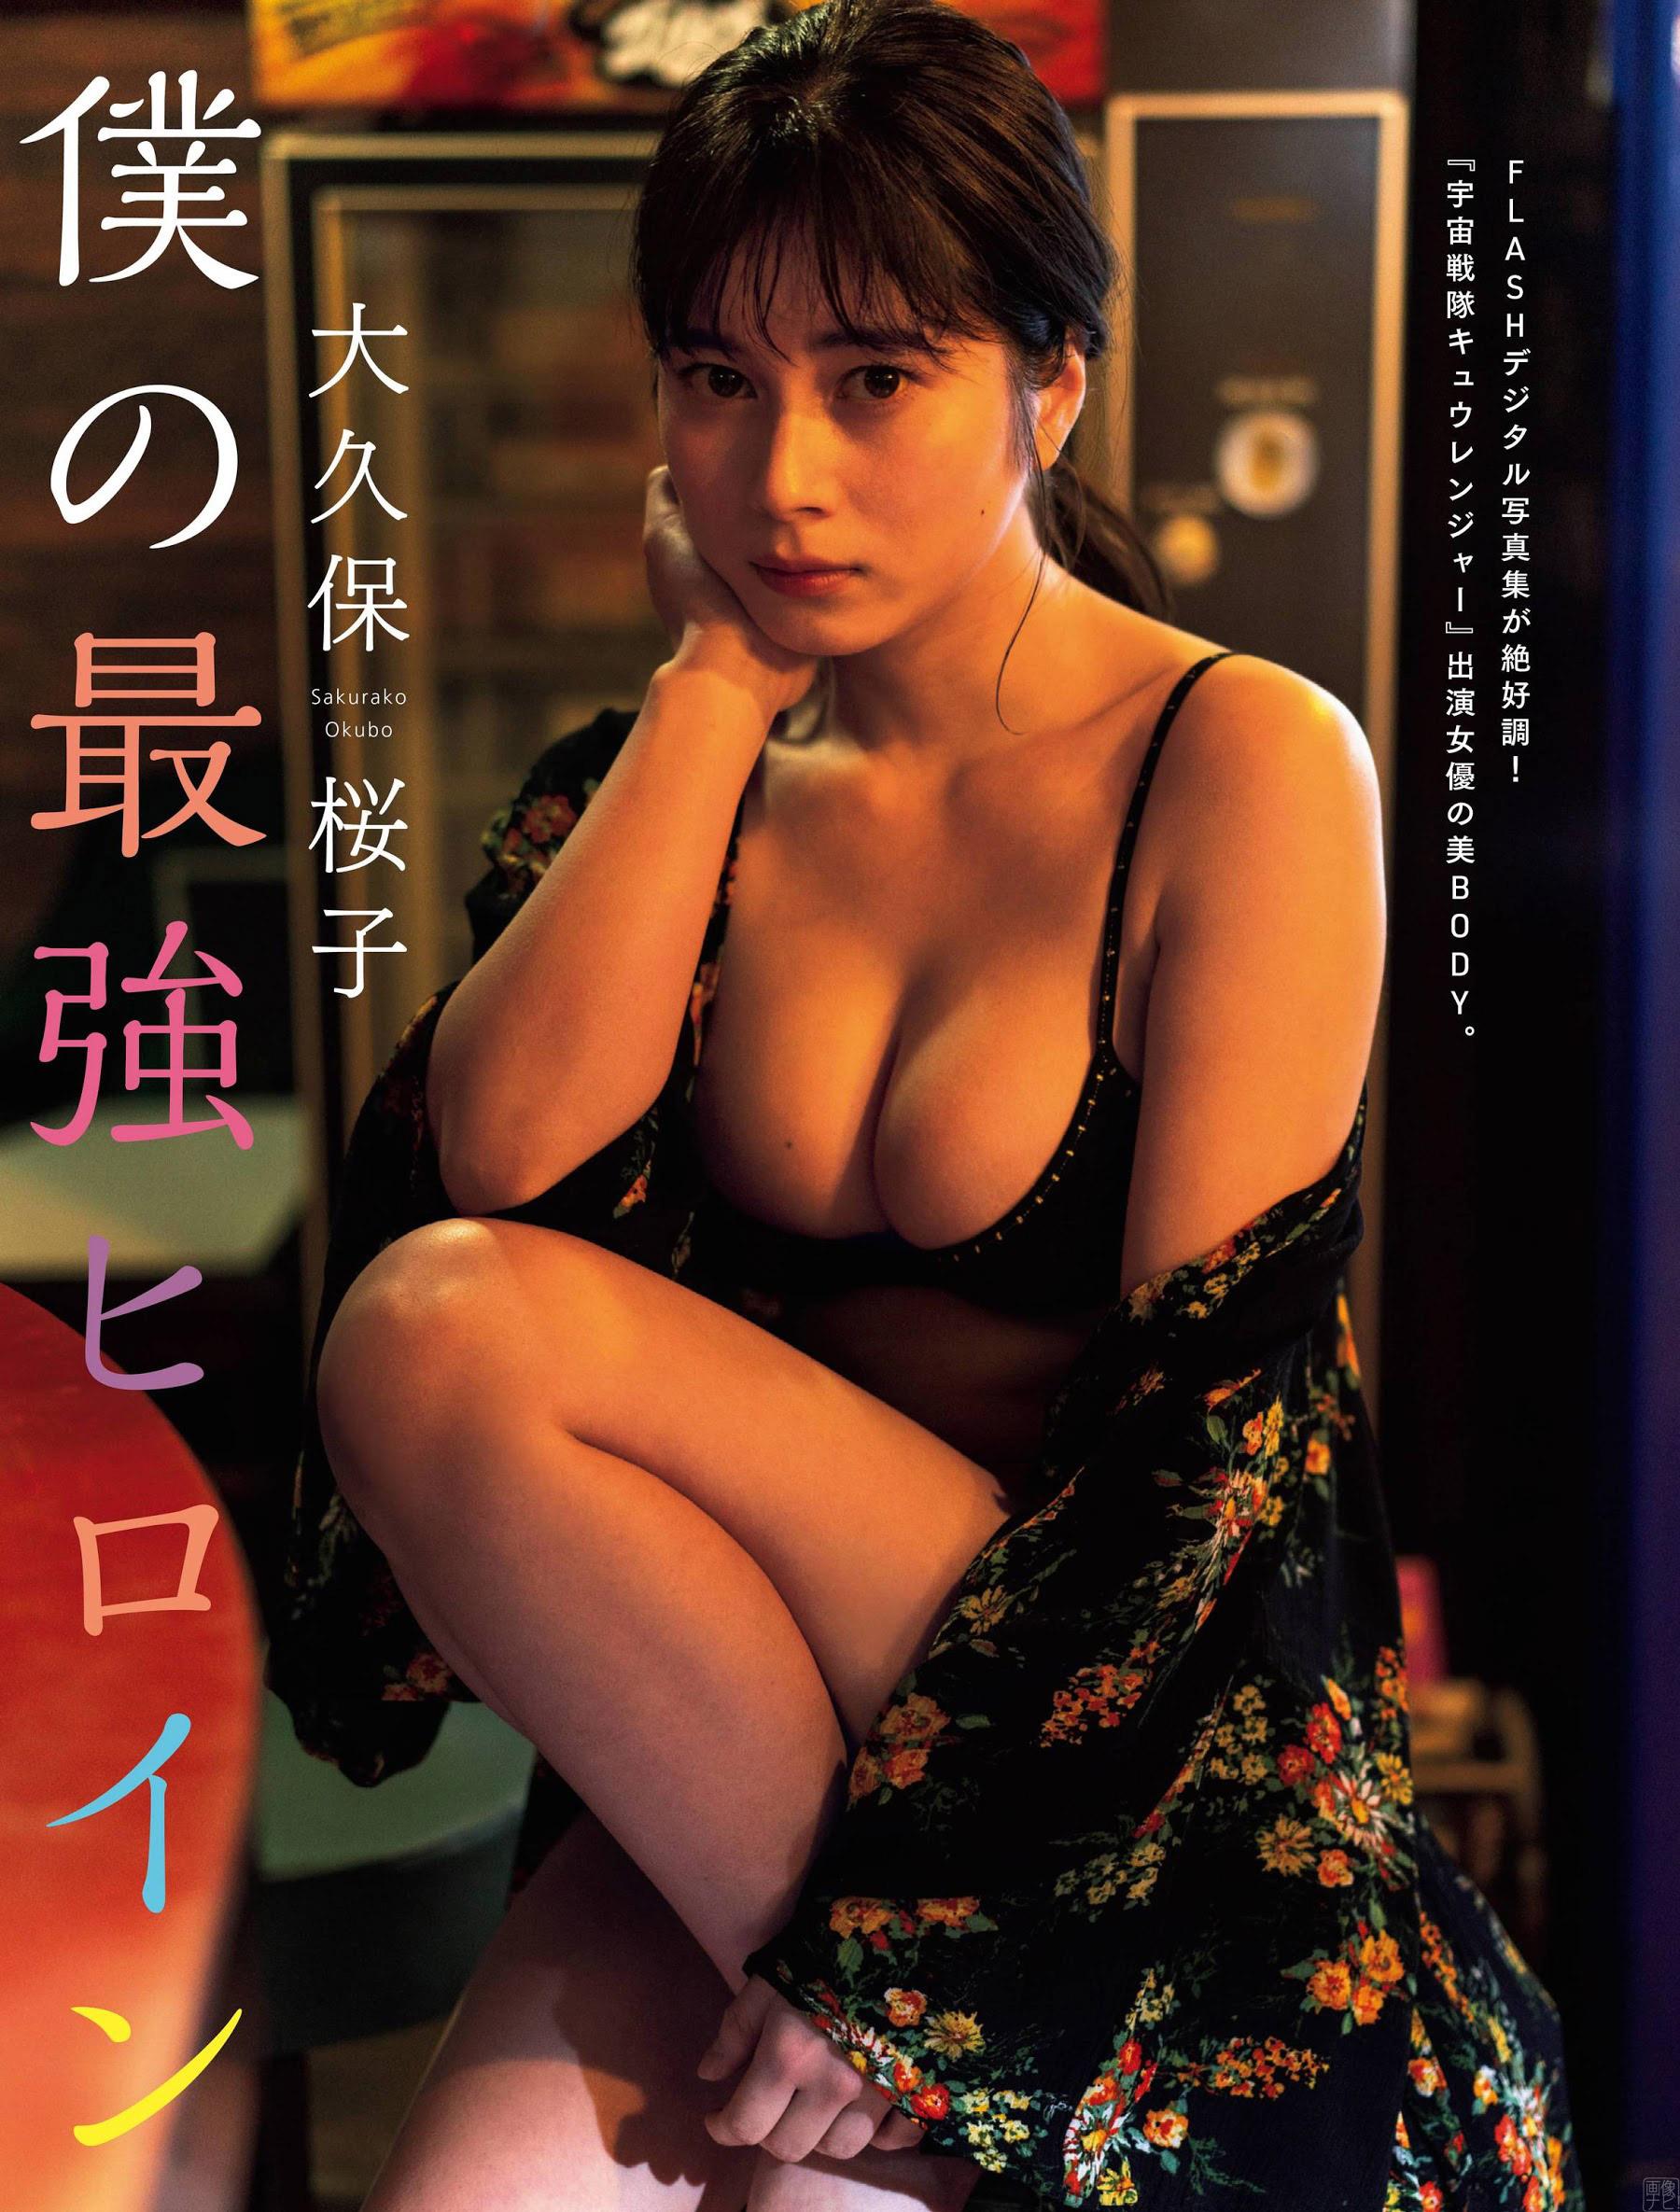 大久保桜子 グラマラスボディーの癒やし系ヒロイン--2021/5/28追加 ここから-- - 亞洲美女 -